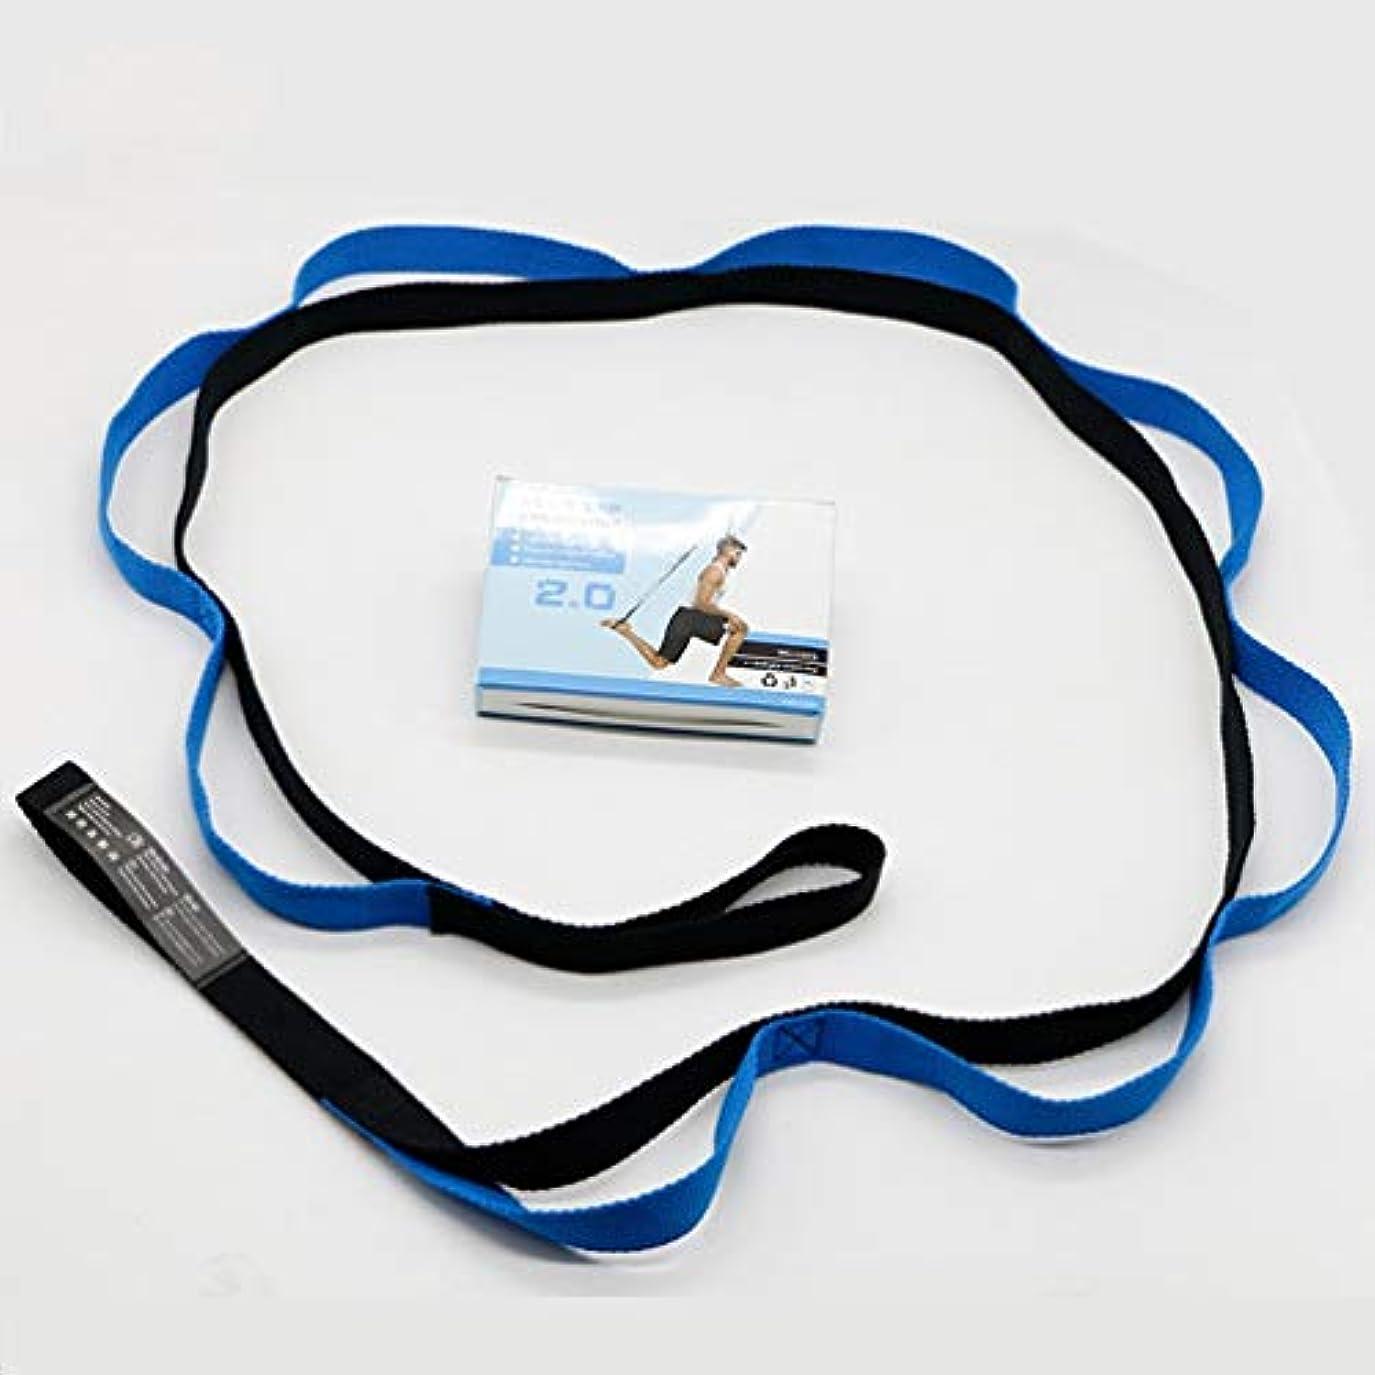 忘れるツールネックレットフィットネスエクササイズジムヨガストレッチアウトストラップ弾性ベルトウエストレッグアームエクステンションストラップベルトスポーツユニセックストレーニングベルトバンド - ブルー&ブラック